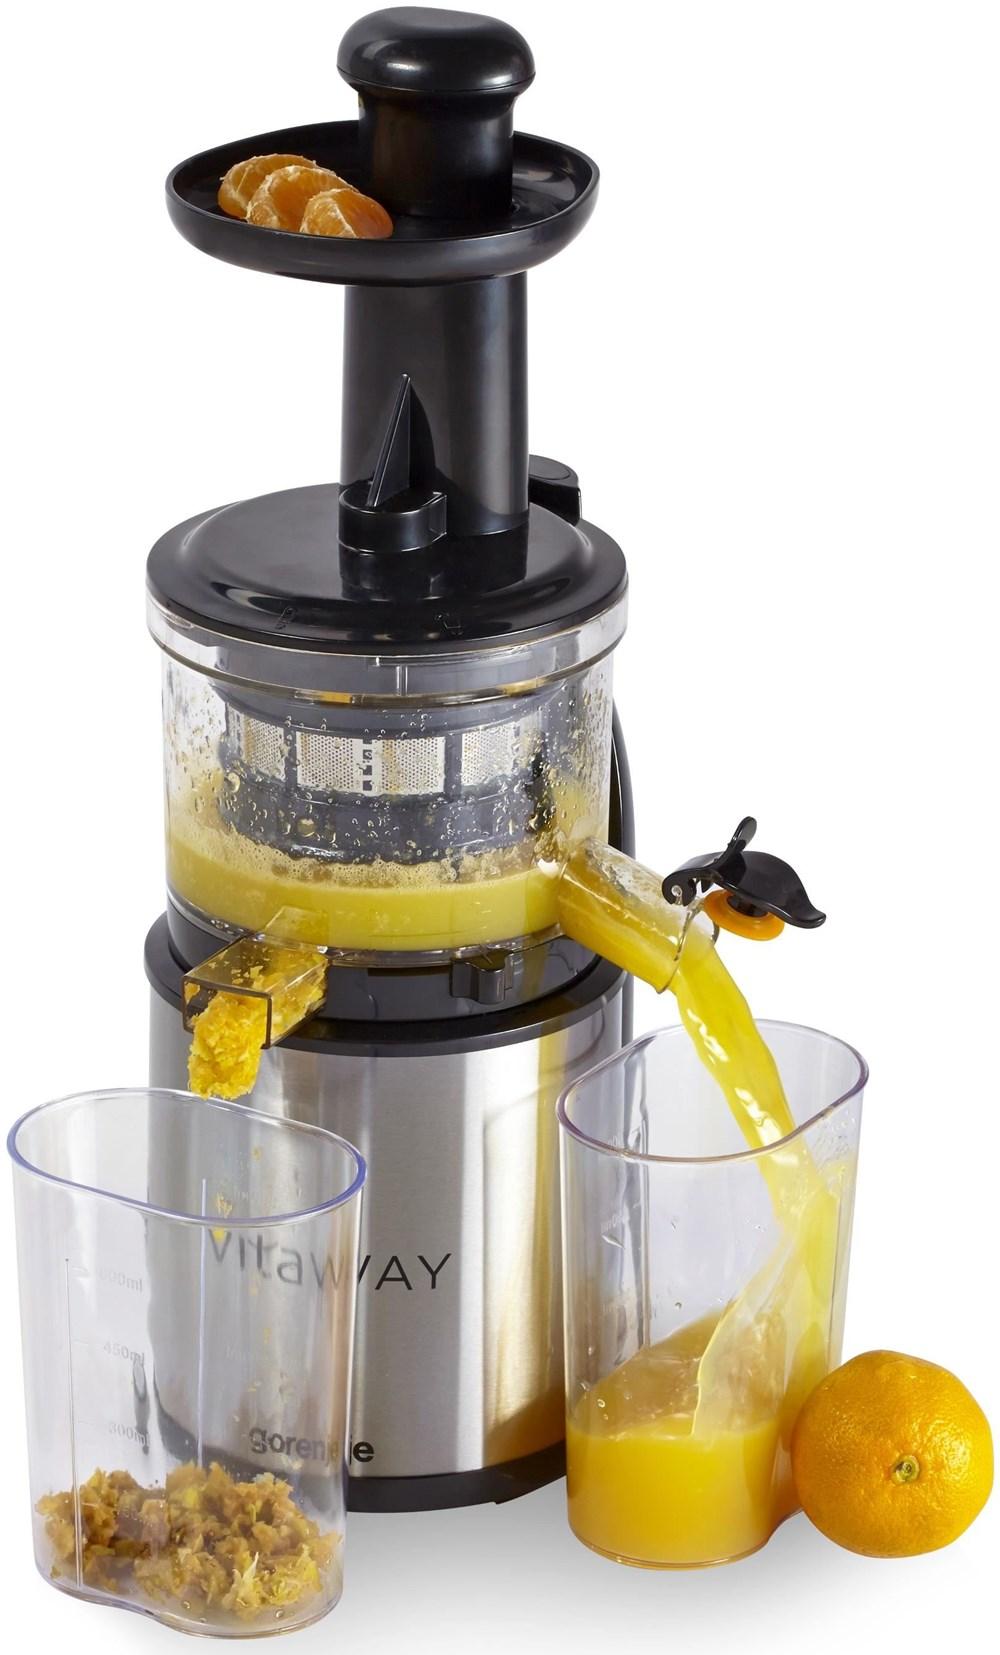 Slow Juicer Bosch : Gorenje JC 4800 vWY vitaWAY Slow-Juicer / Entsafter ...